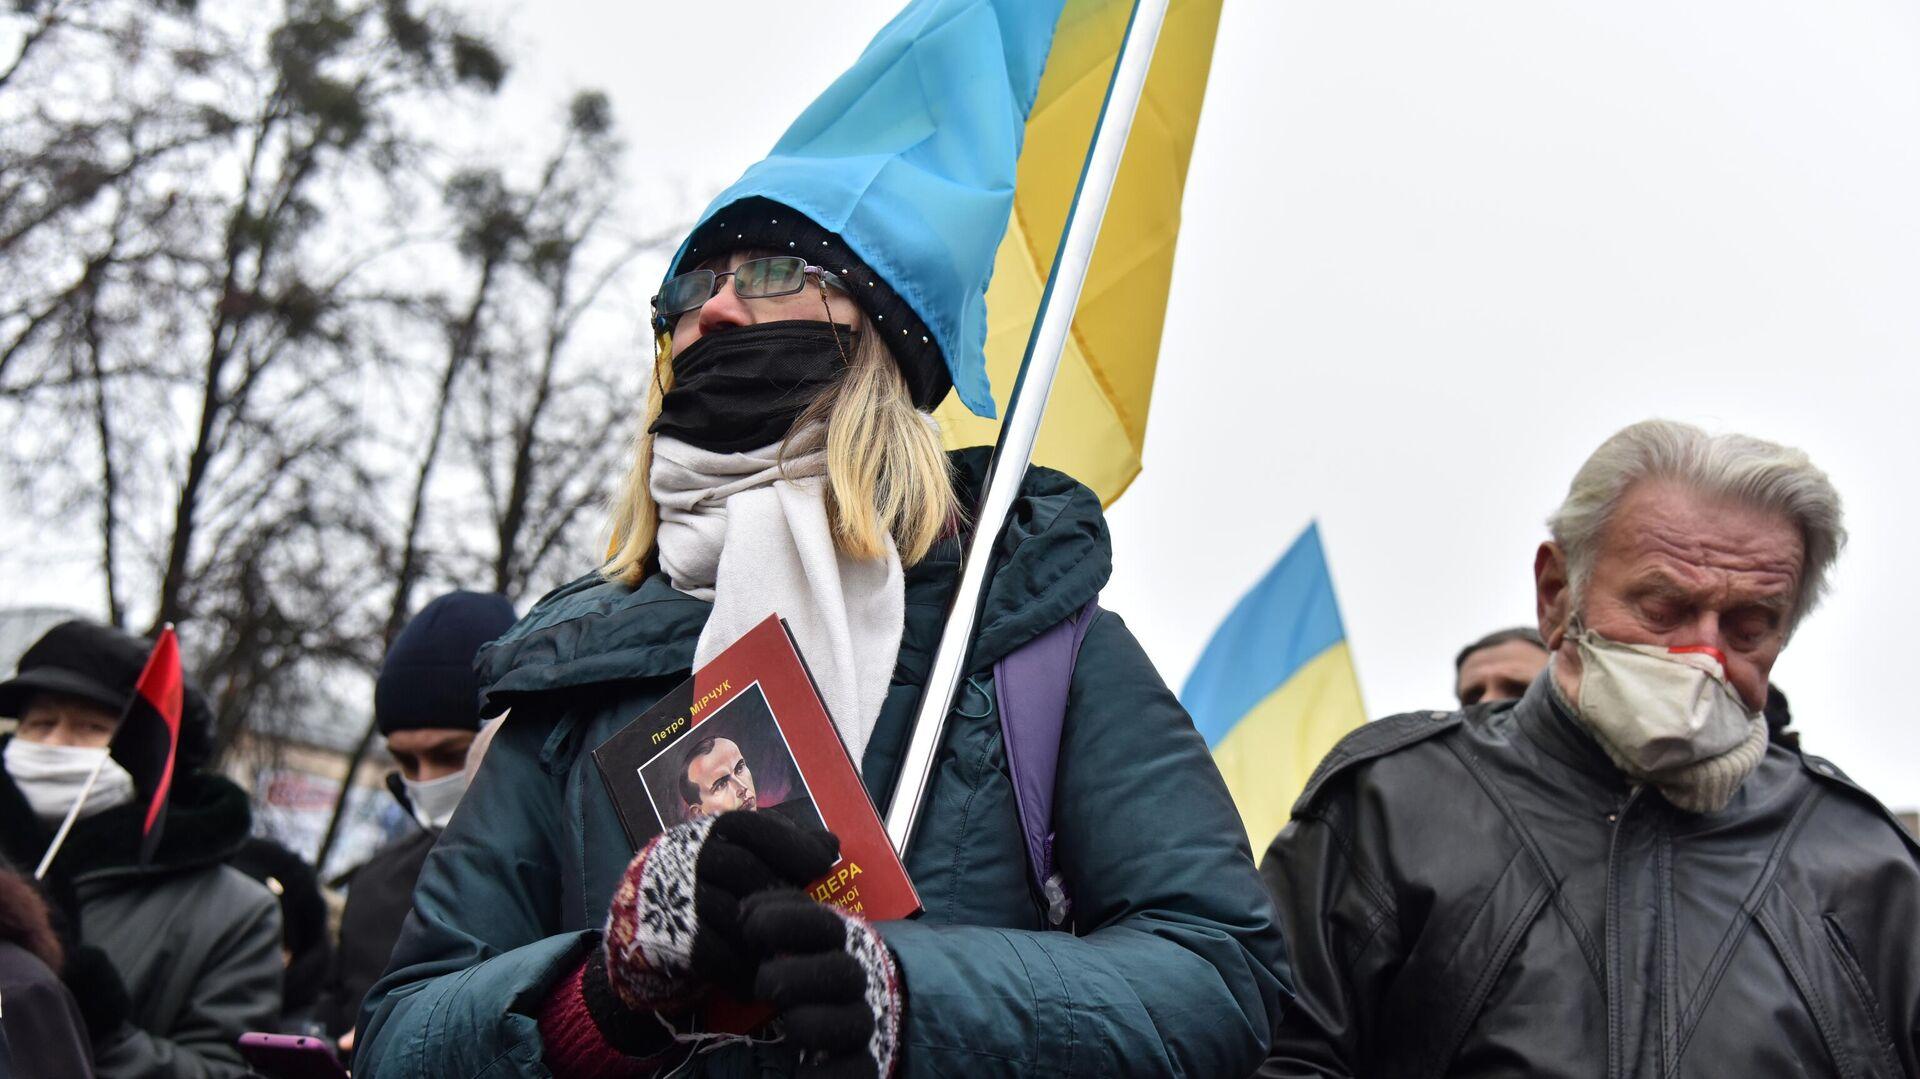 Участники митинга, приуроченного к 112 годовщине со дня рождения Степана Бандеры, во Львове - РИА Новости, 1920, 17.02.2021